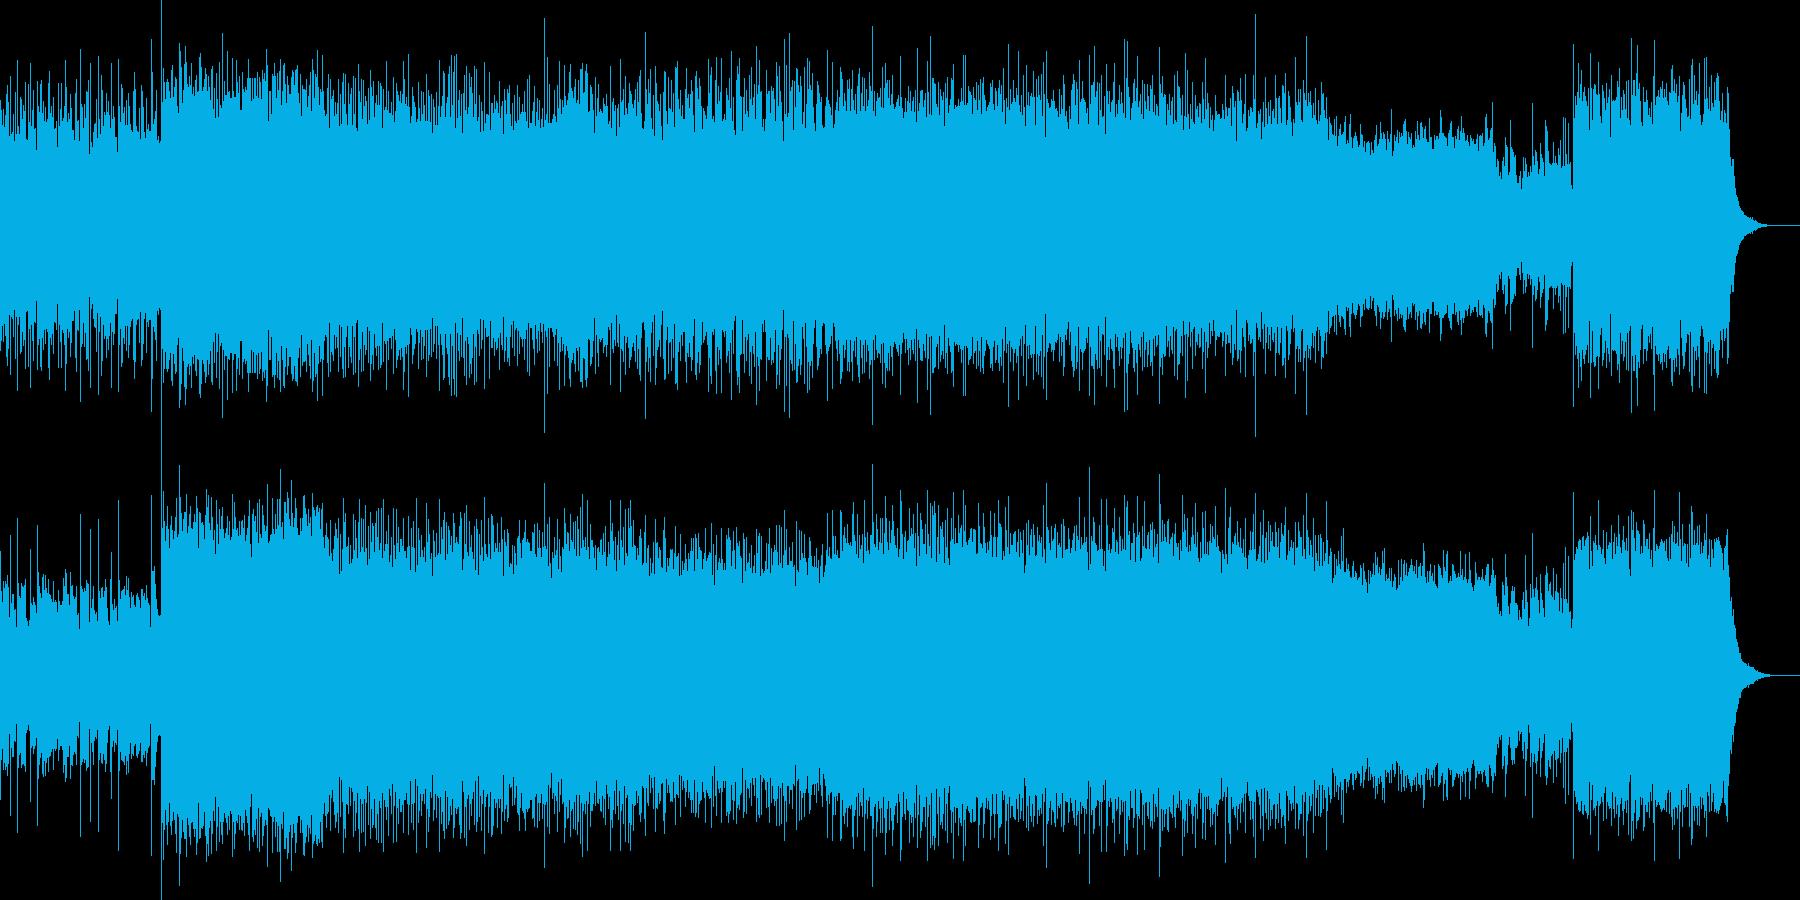 ポップなロックインスト曲の再生済みの波形